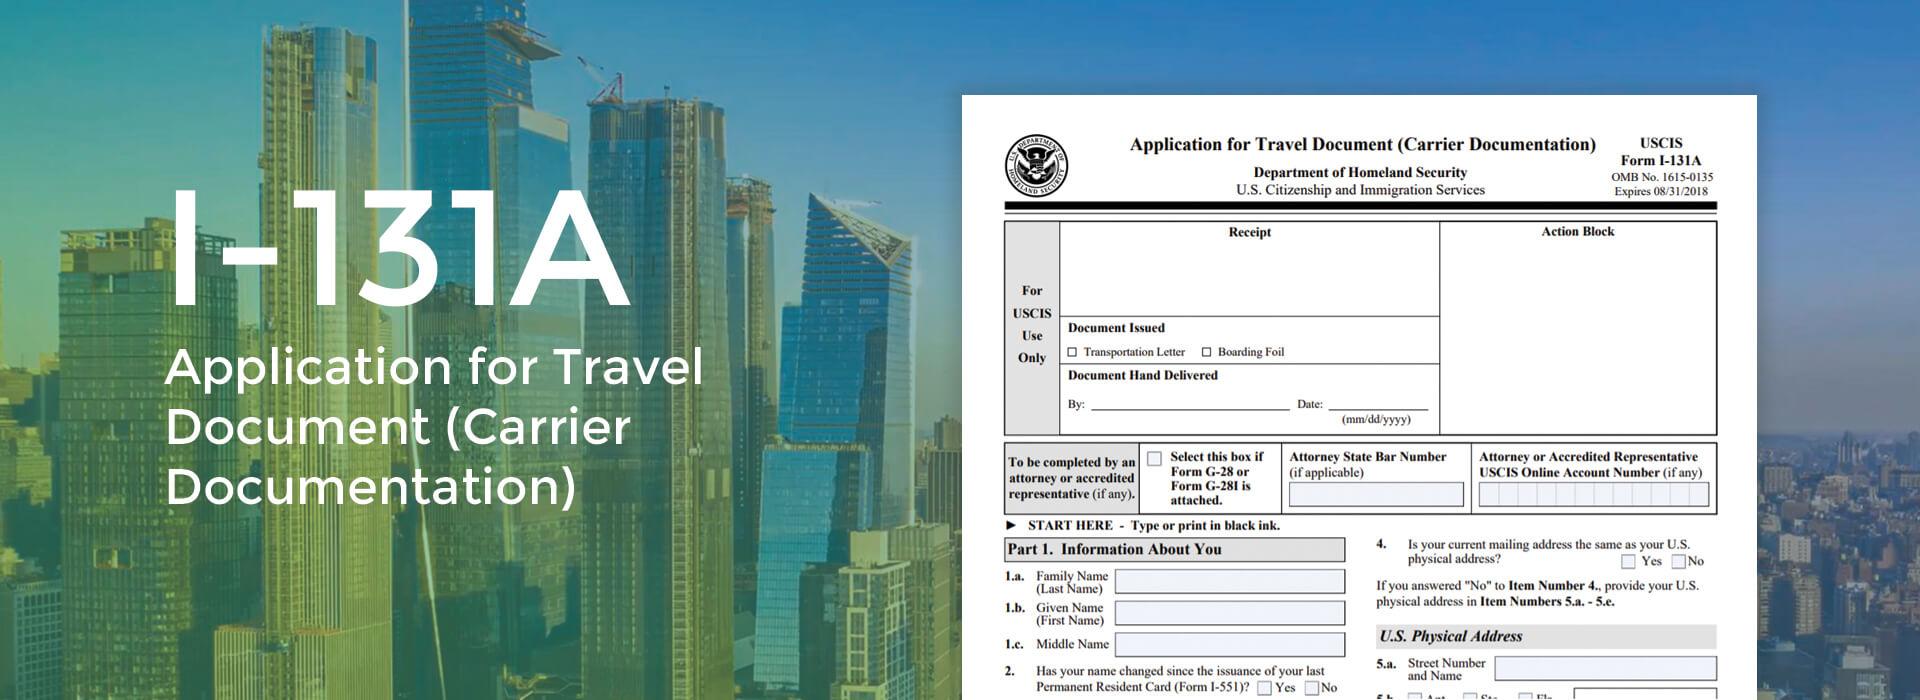 Online Form I-131A